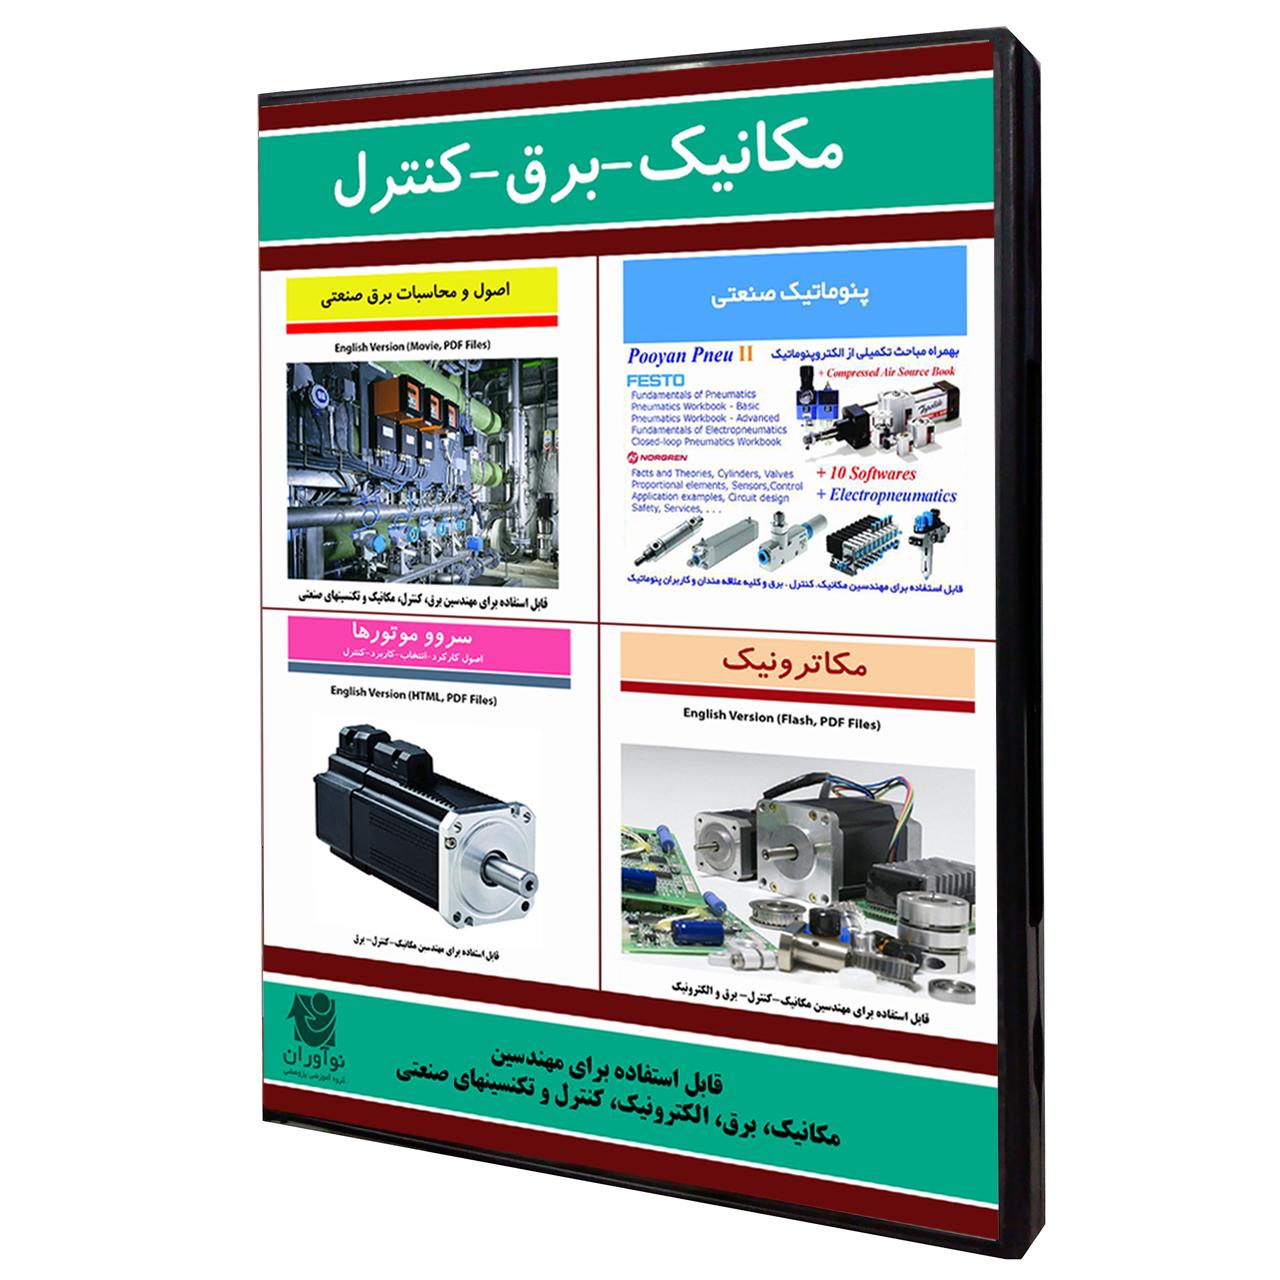 نرم افزار آموزش مهندسی مکانیک- برق- کنترل نشر نوآوران